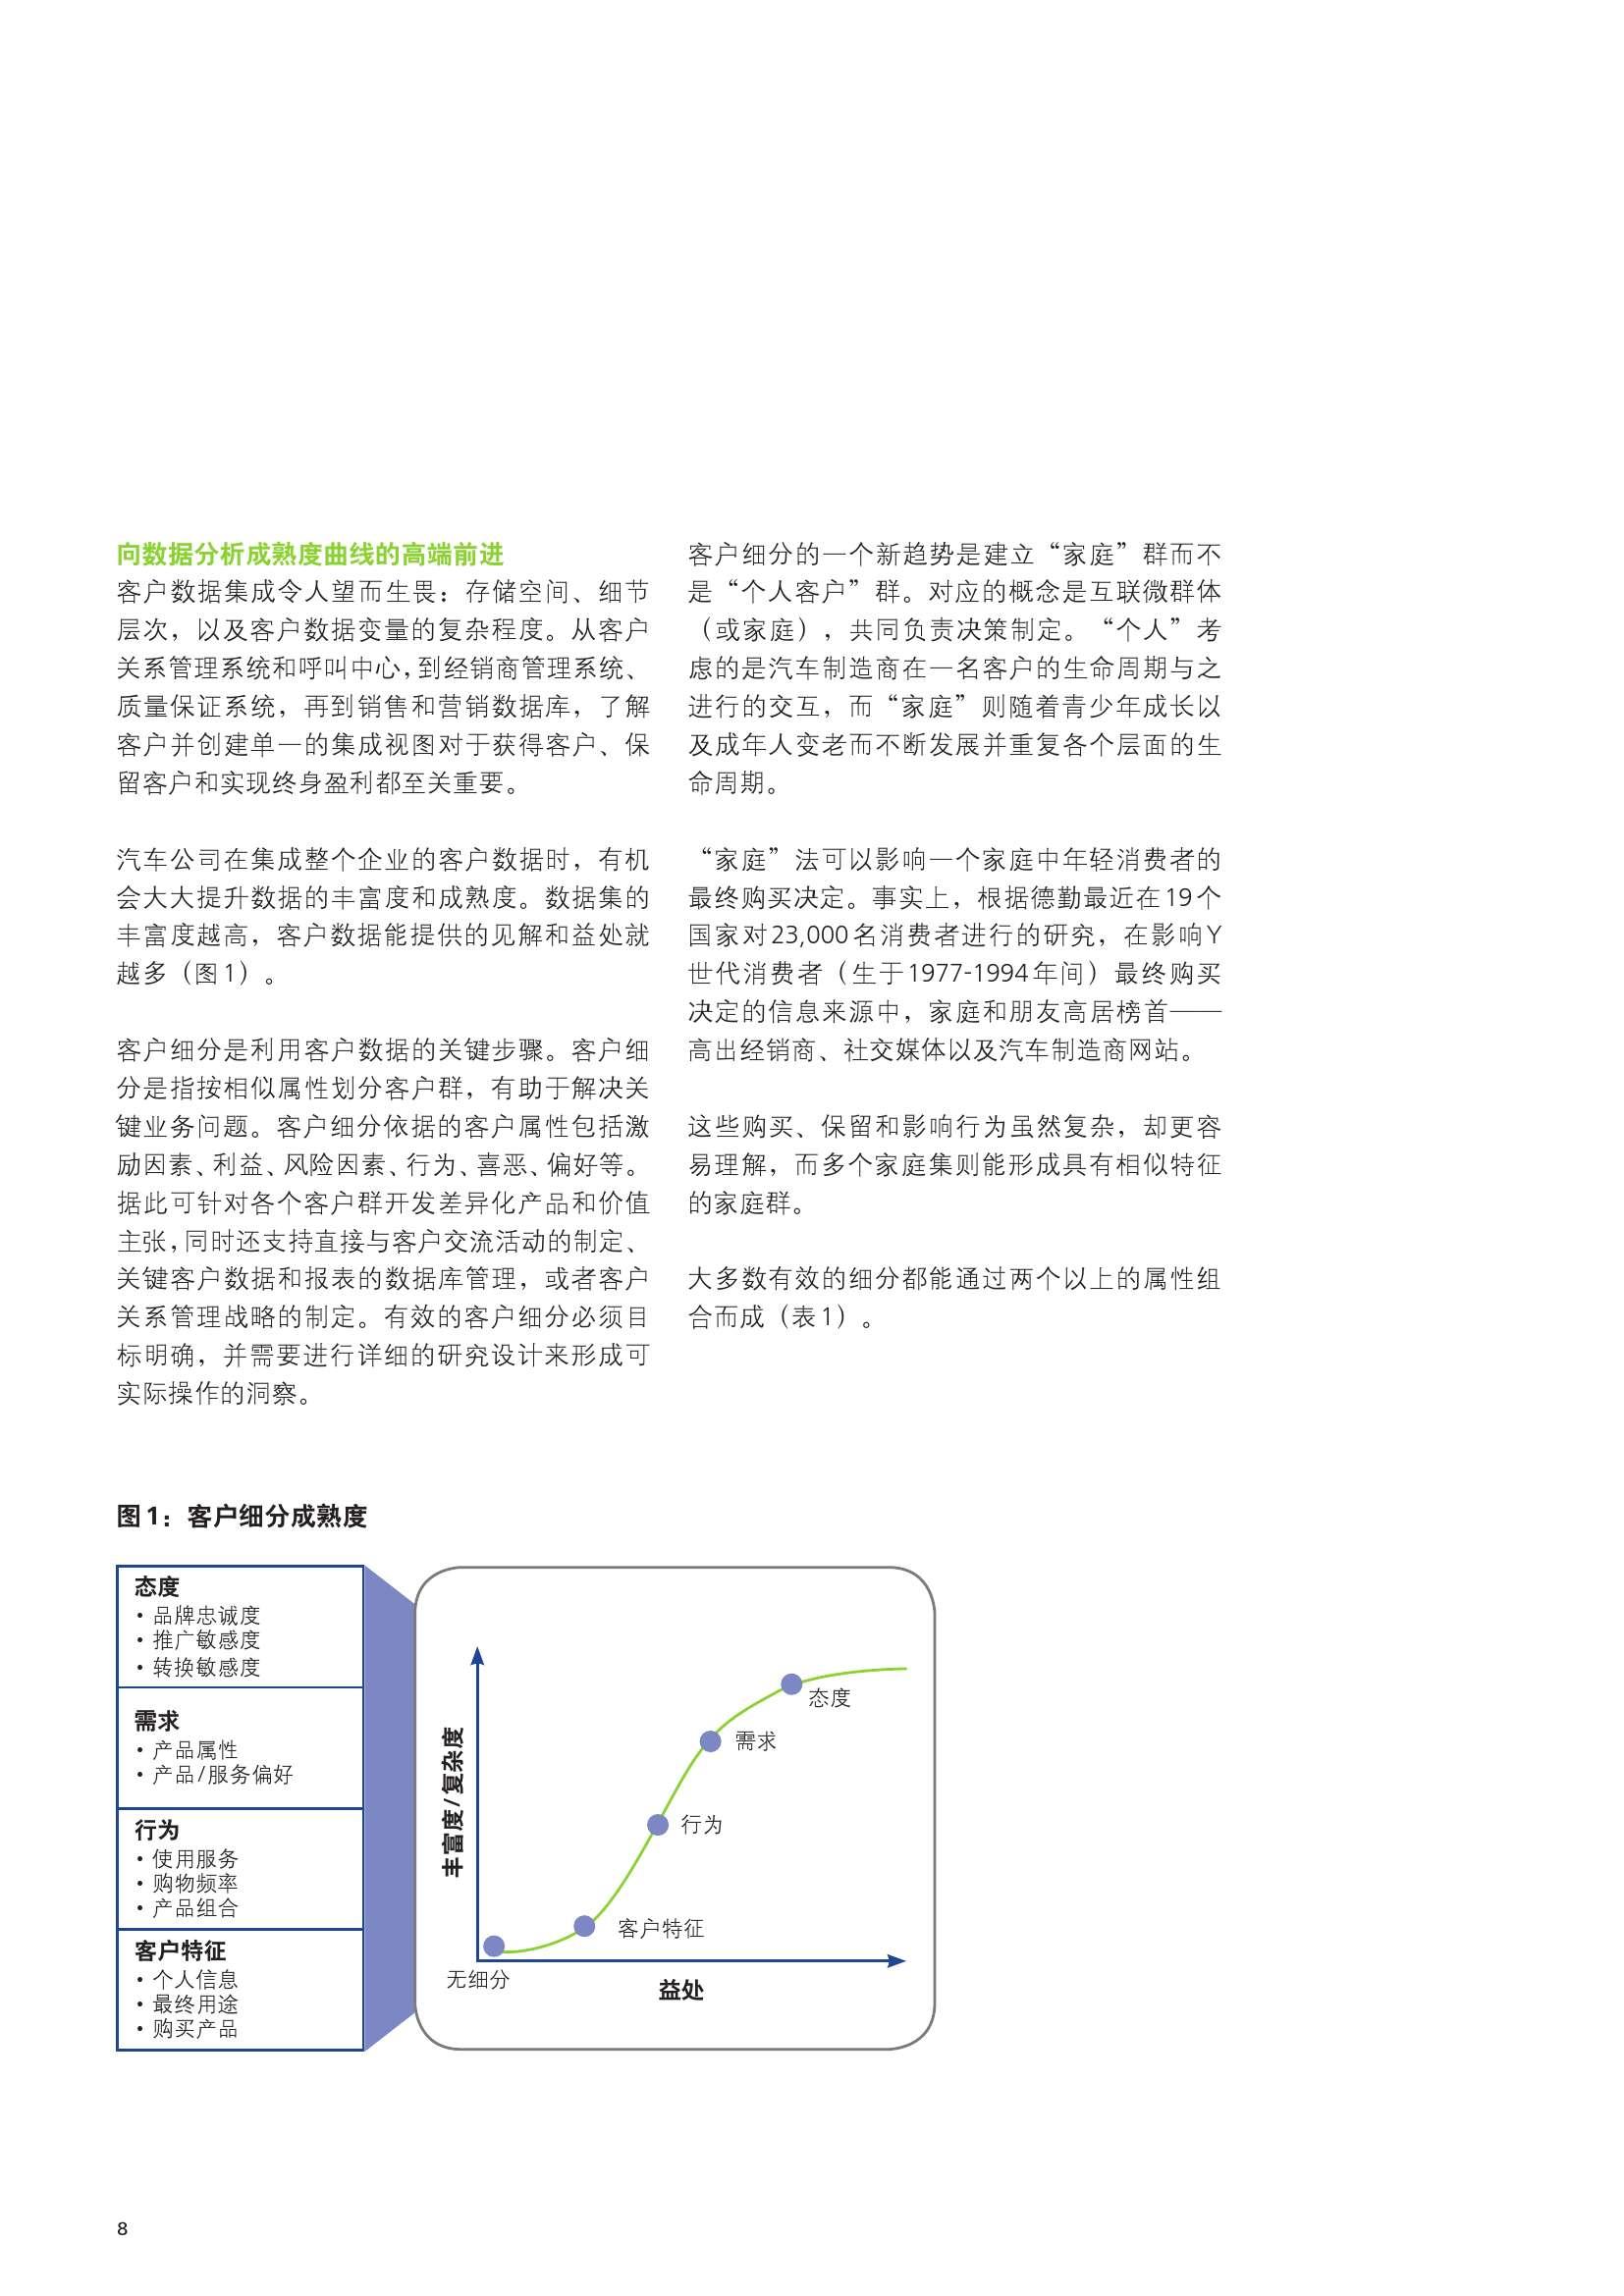 汽车行业的大数据与分析_000010